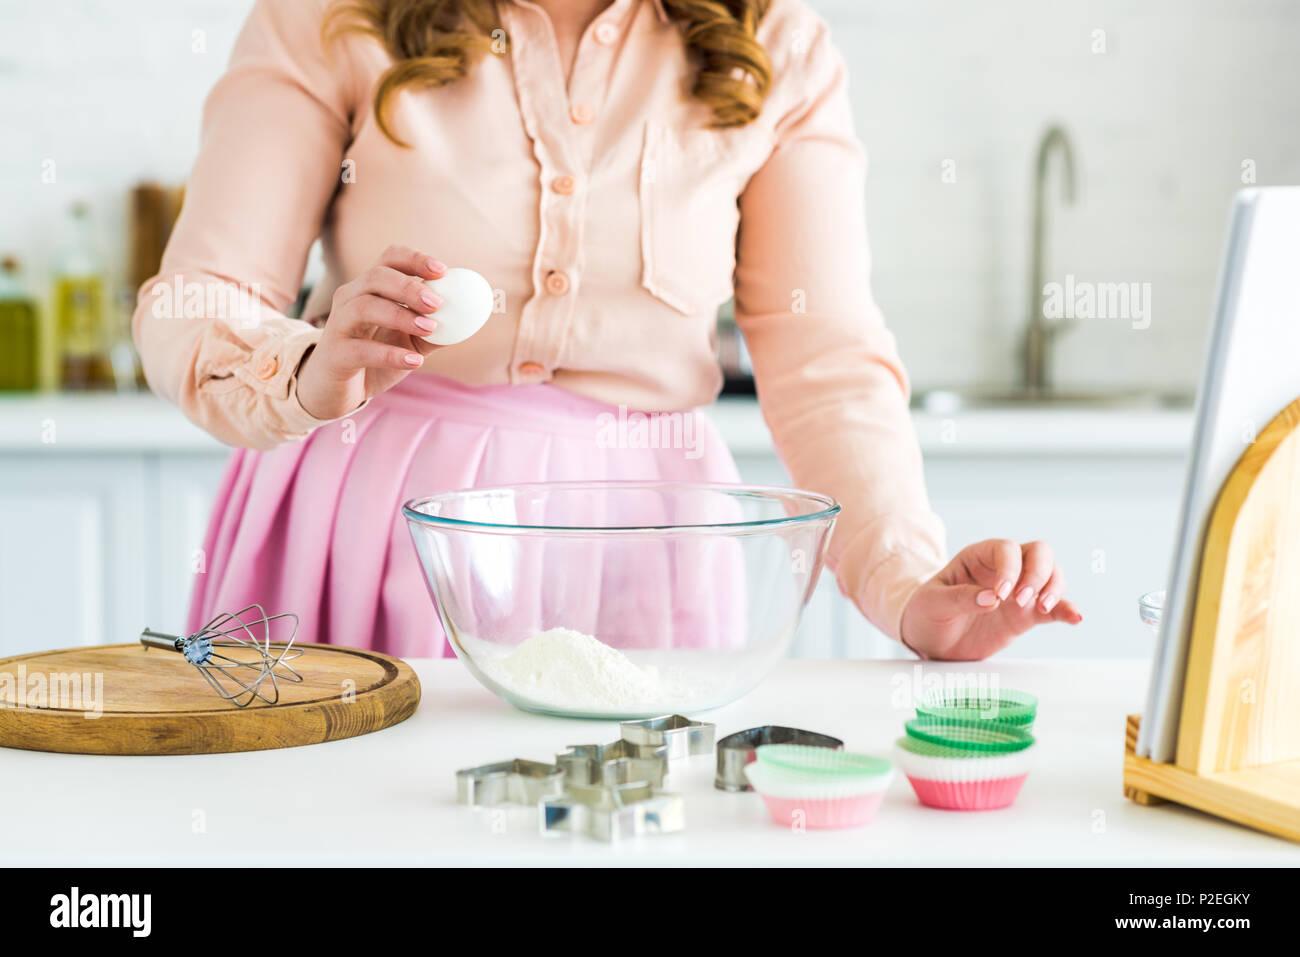 7/8 Bild der Frau, das Ei für den Teig in der Küche Stockbild